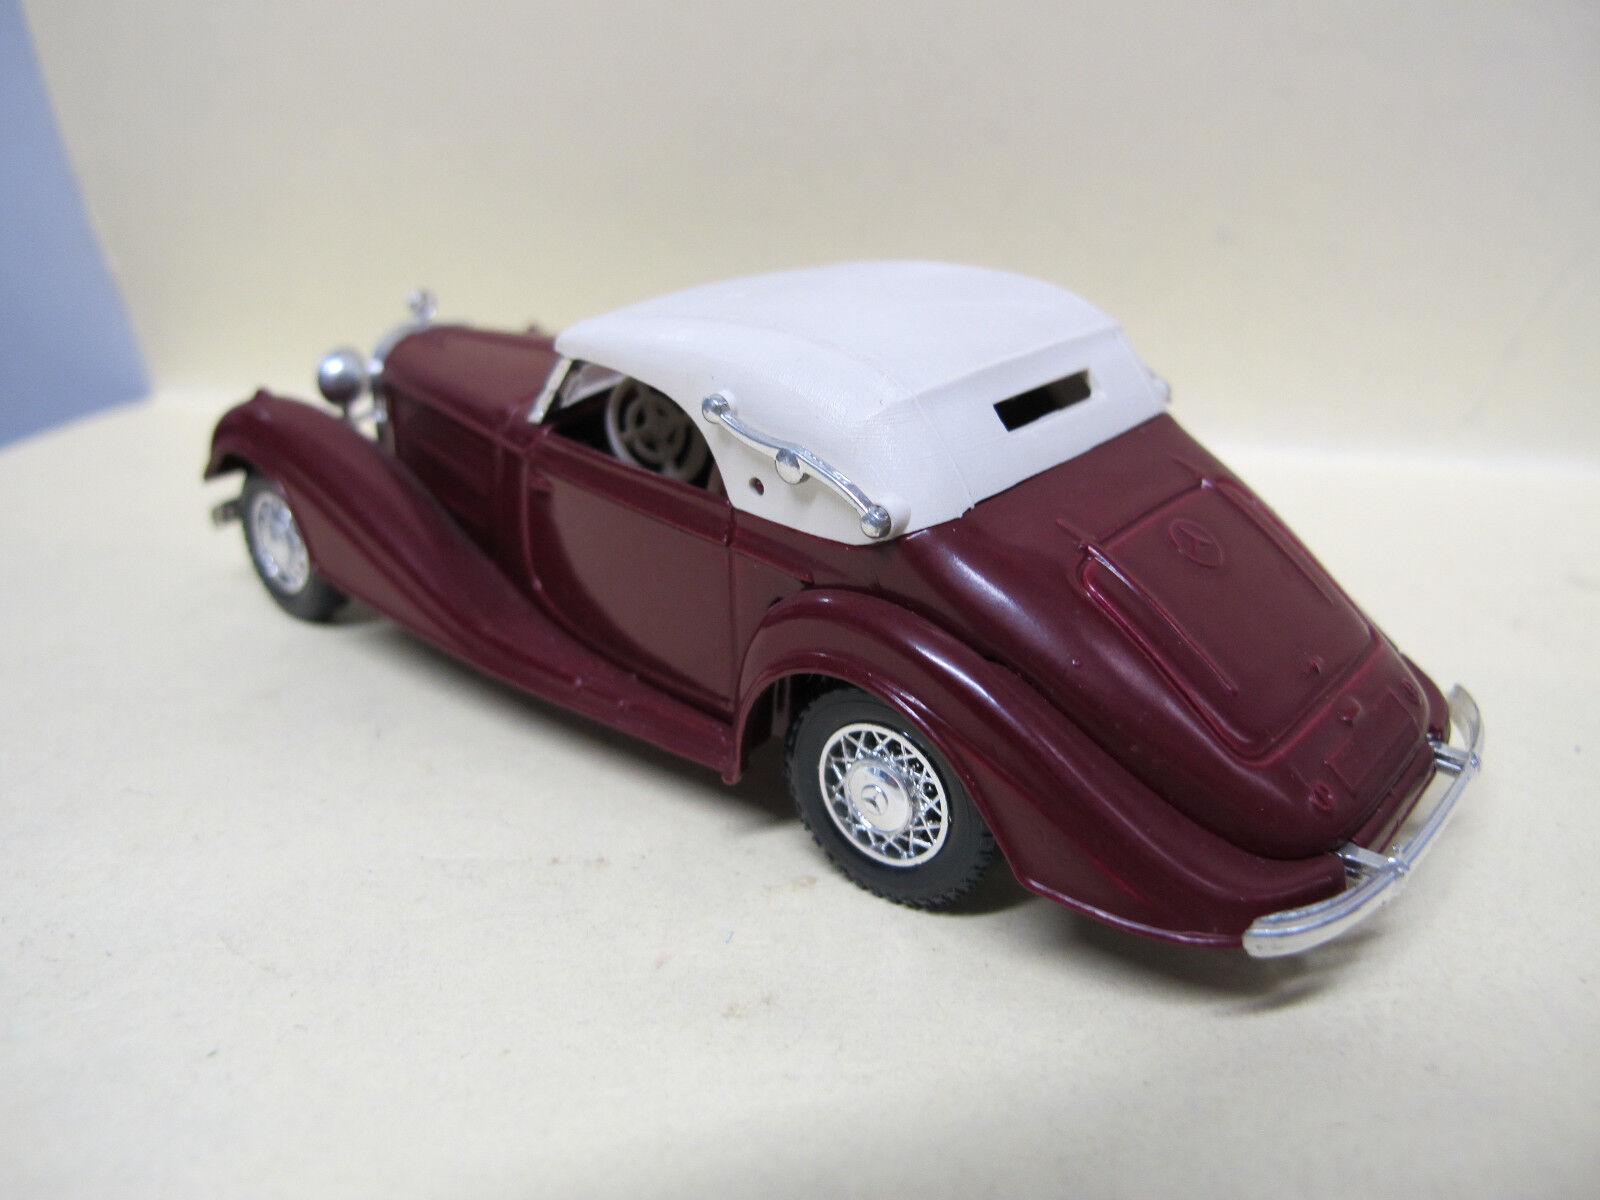 Solido 1 43 mercedes 540k 1939 1939 1939 tipo. - nº 67 artículo de colección 70er J. Top c34124